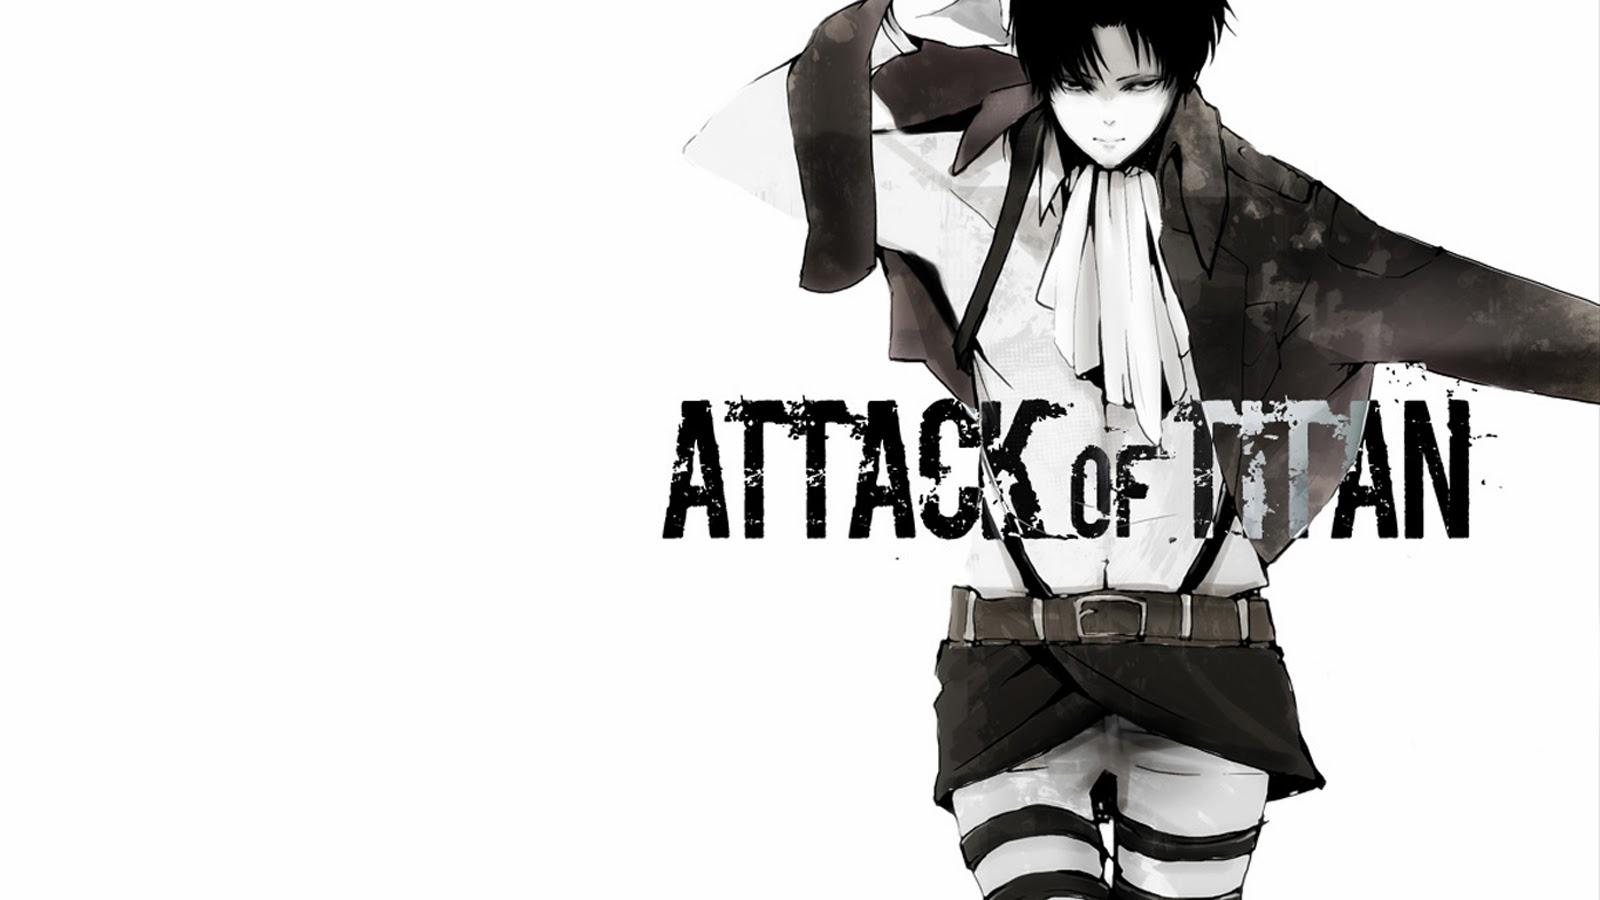 levi titan attack on titan shingeki no kyojin hd wallpaper 1600x900 5f 1600x900